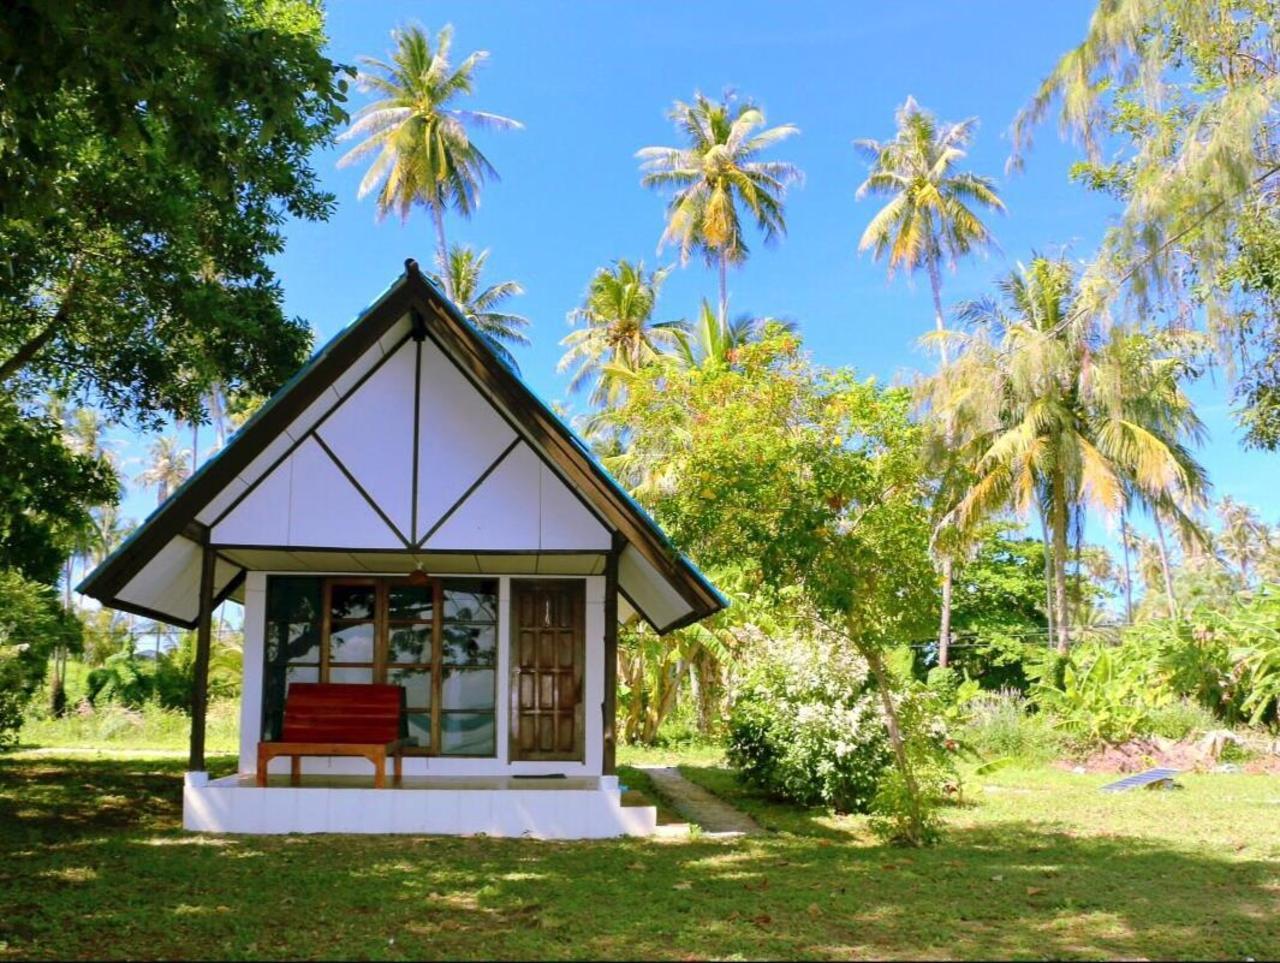 ทะเล ไทม์ เกาะหมาก (Talay Time Koh Mak)